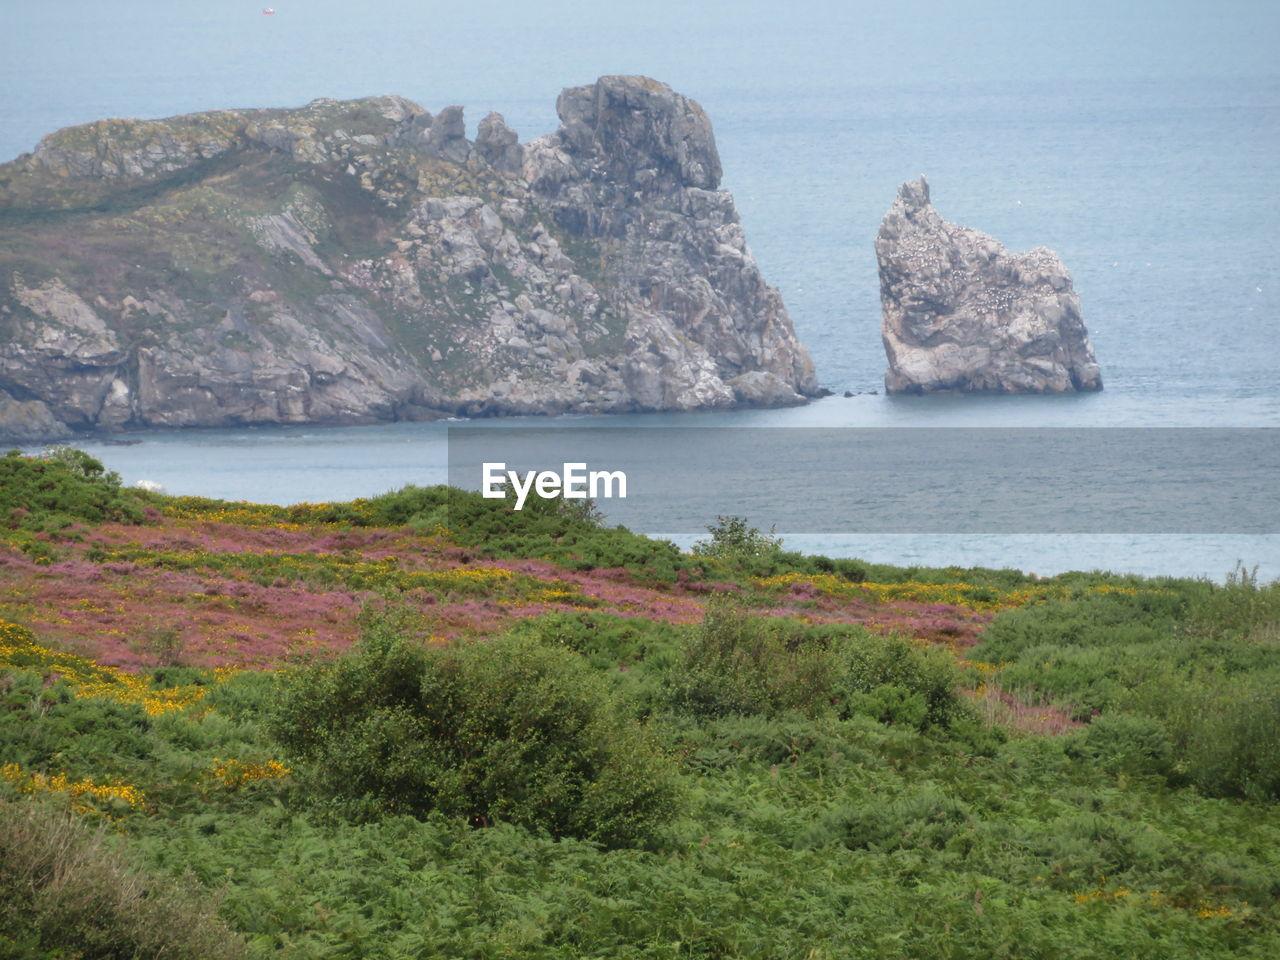 Scenic view of rocks on sea shore